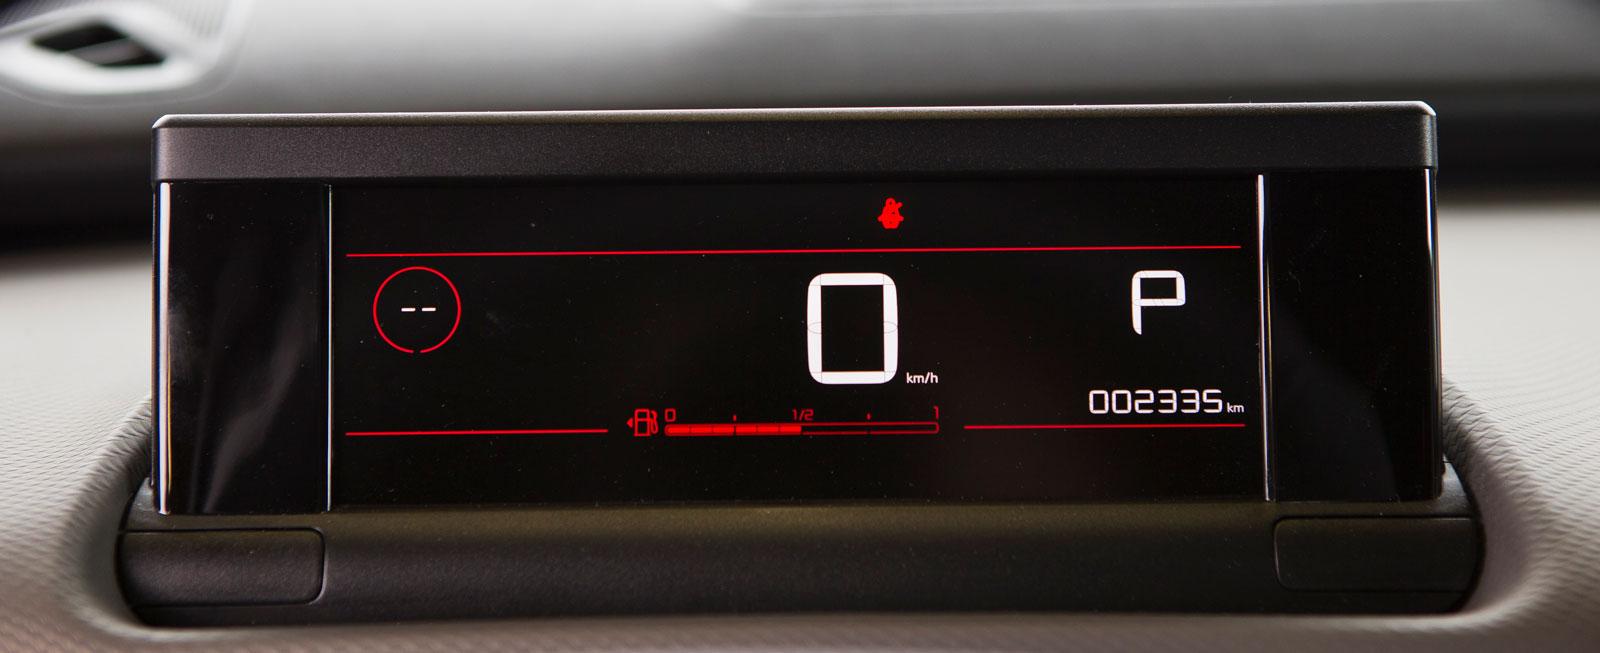 Citroëns minimalistiska digitala intrumentering känns ovan till att börja med, men fungerar helt okej. Största problemet är att se bränslemängden, den visas med ett tunt rött streck längst ned på displayen.